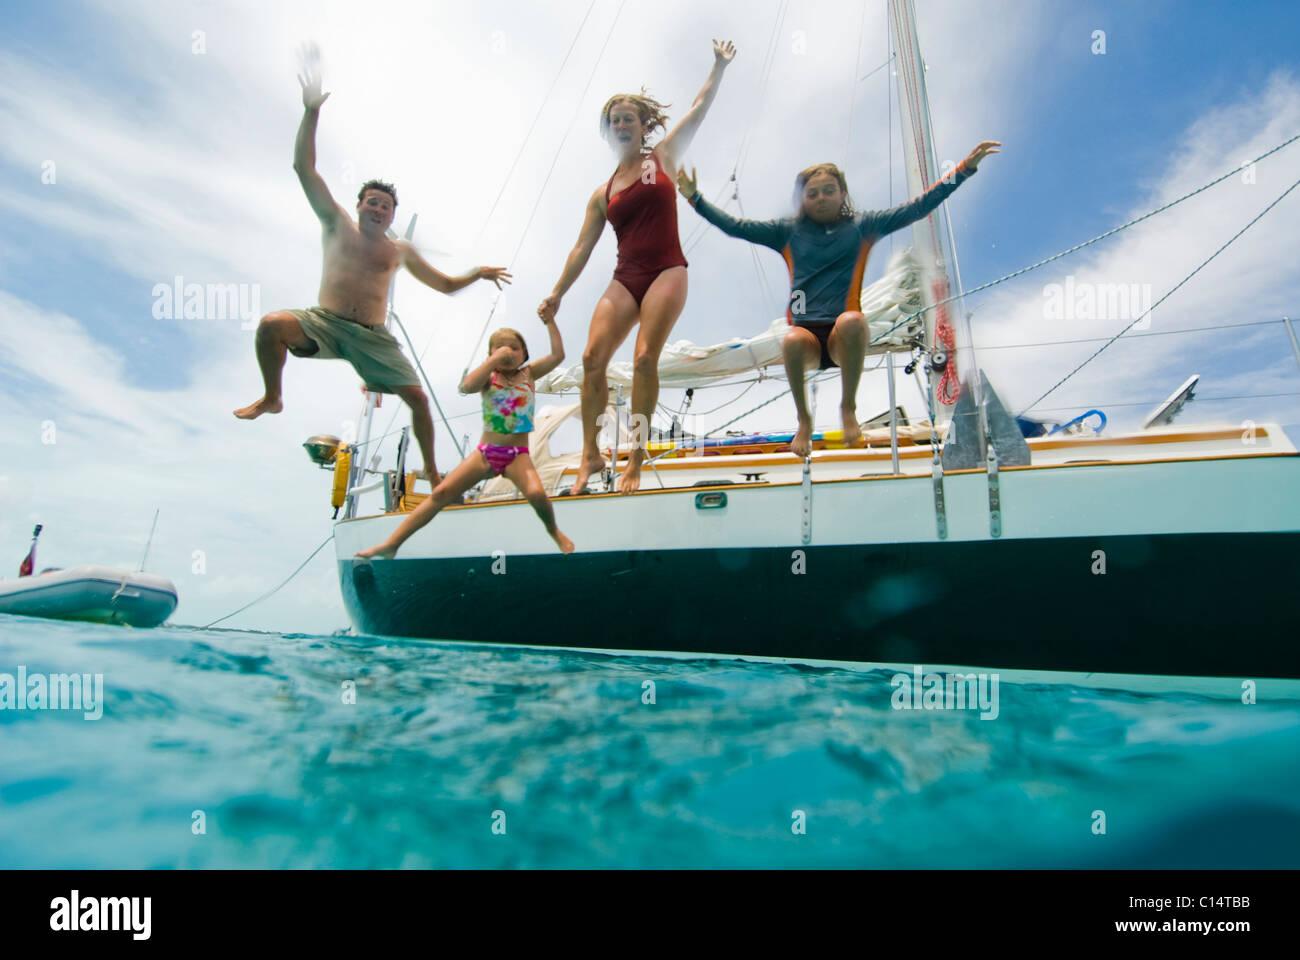 Une famille de sauter leur bateau Photo Stock